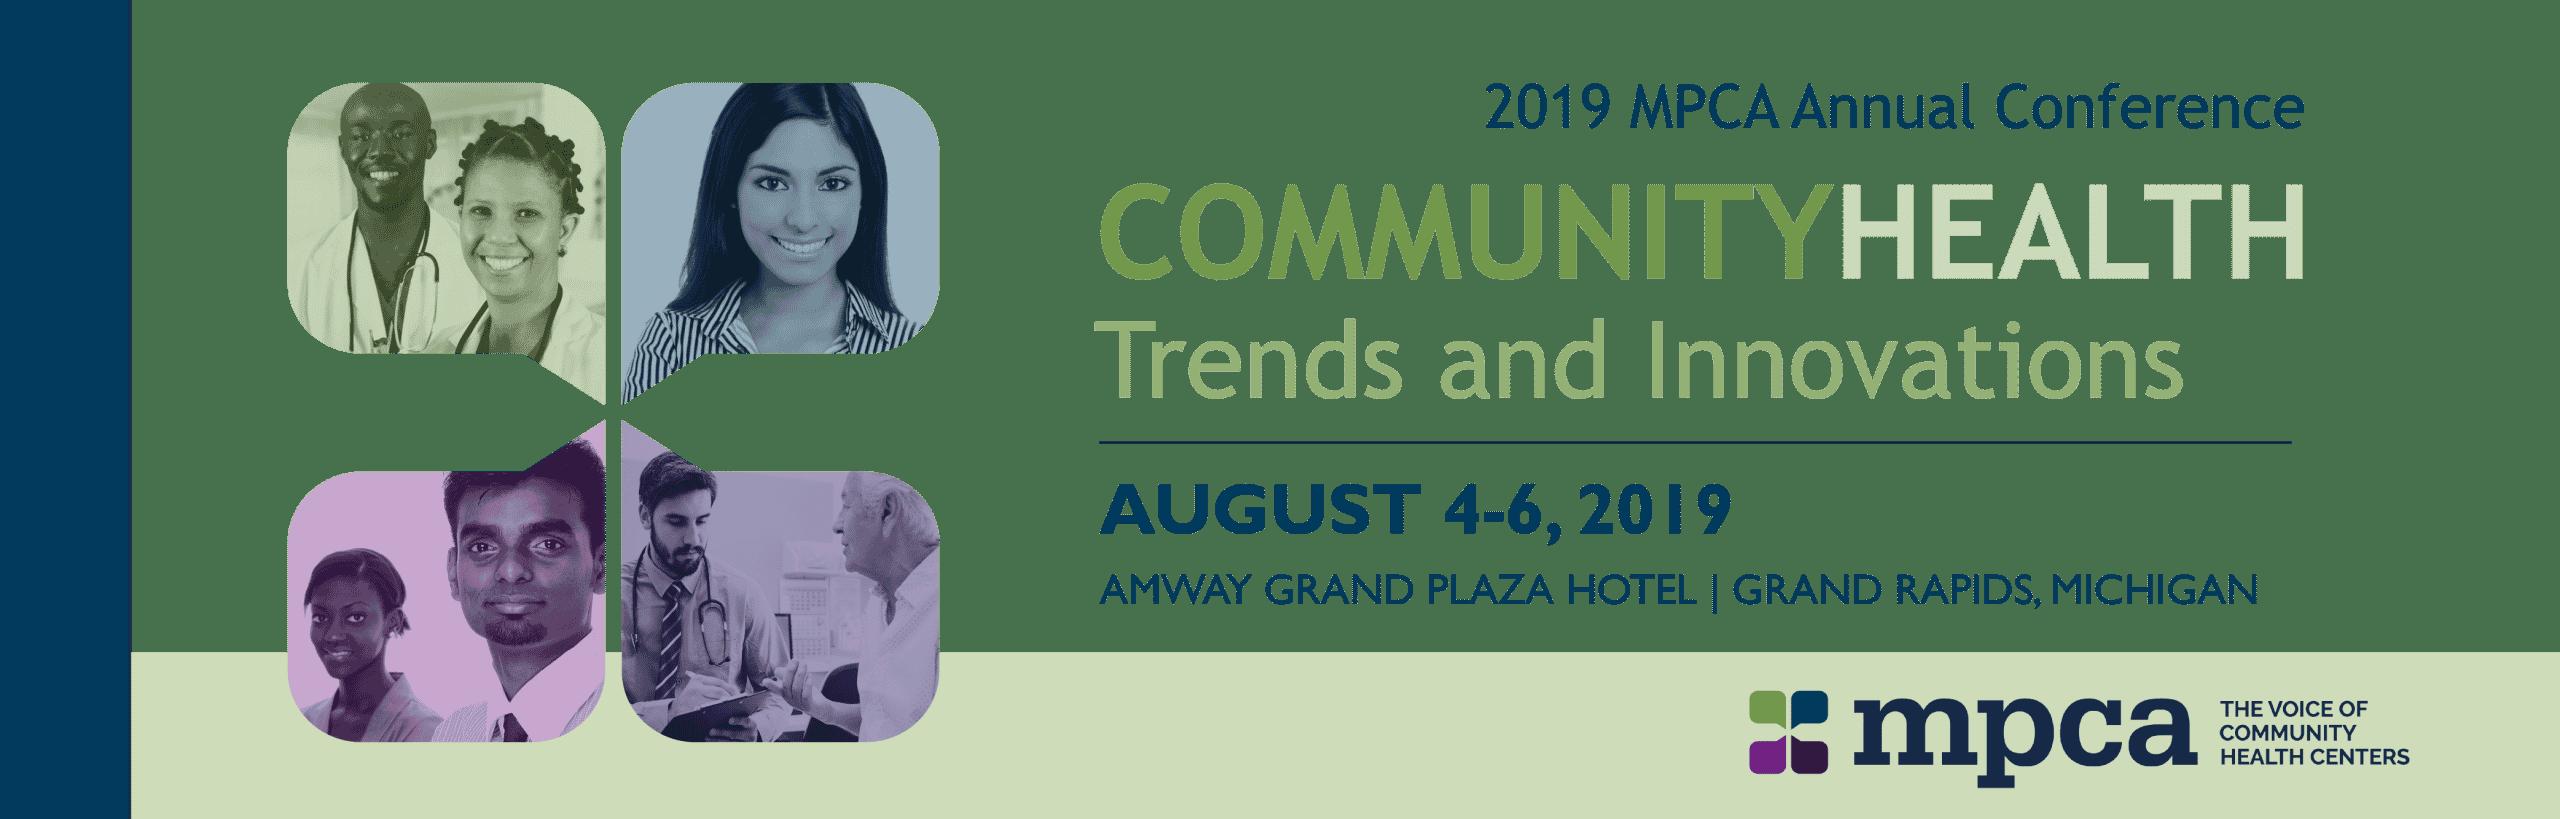 2019 MPCA Annual Conference